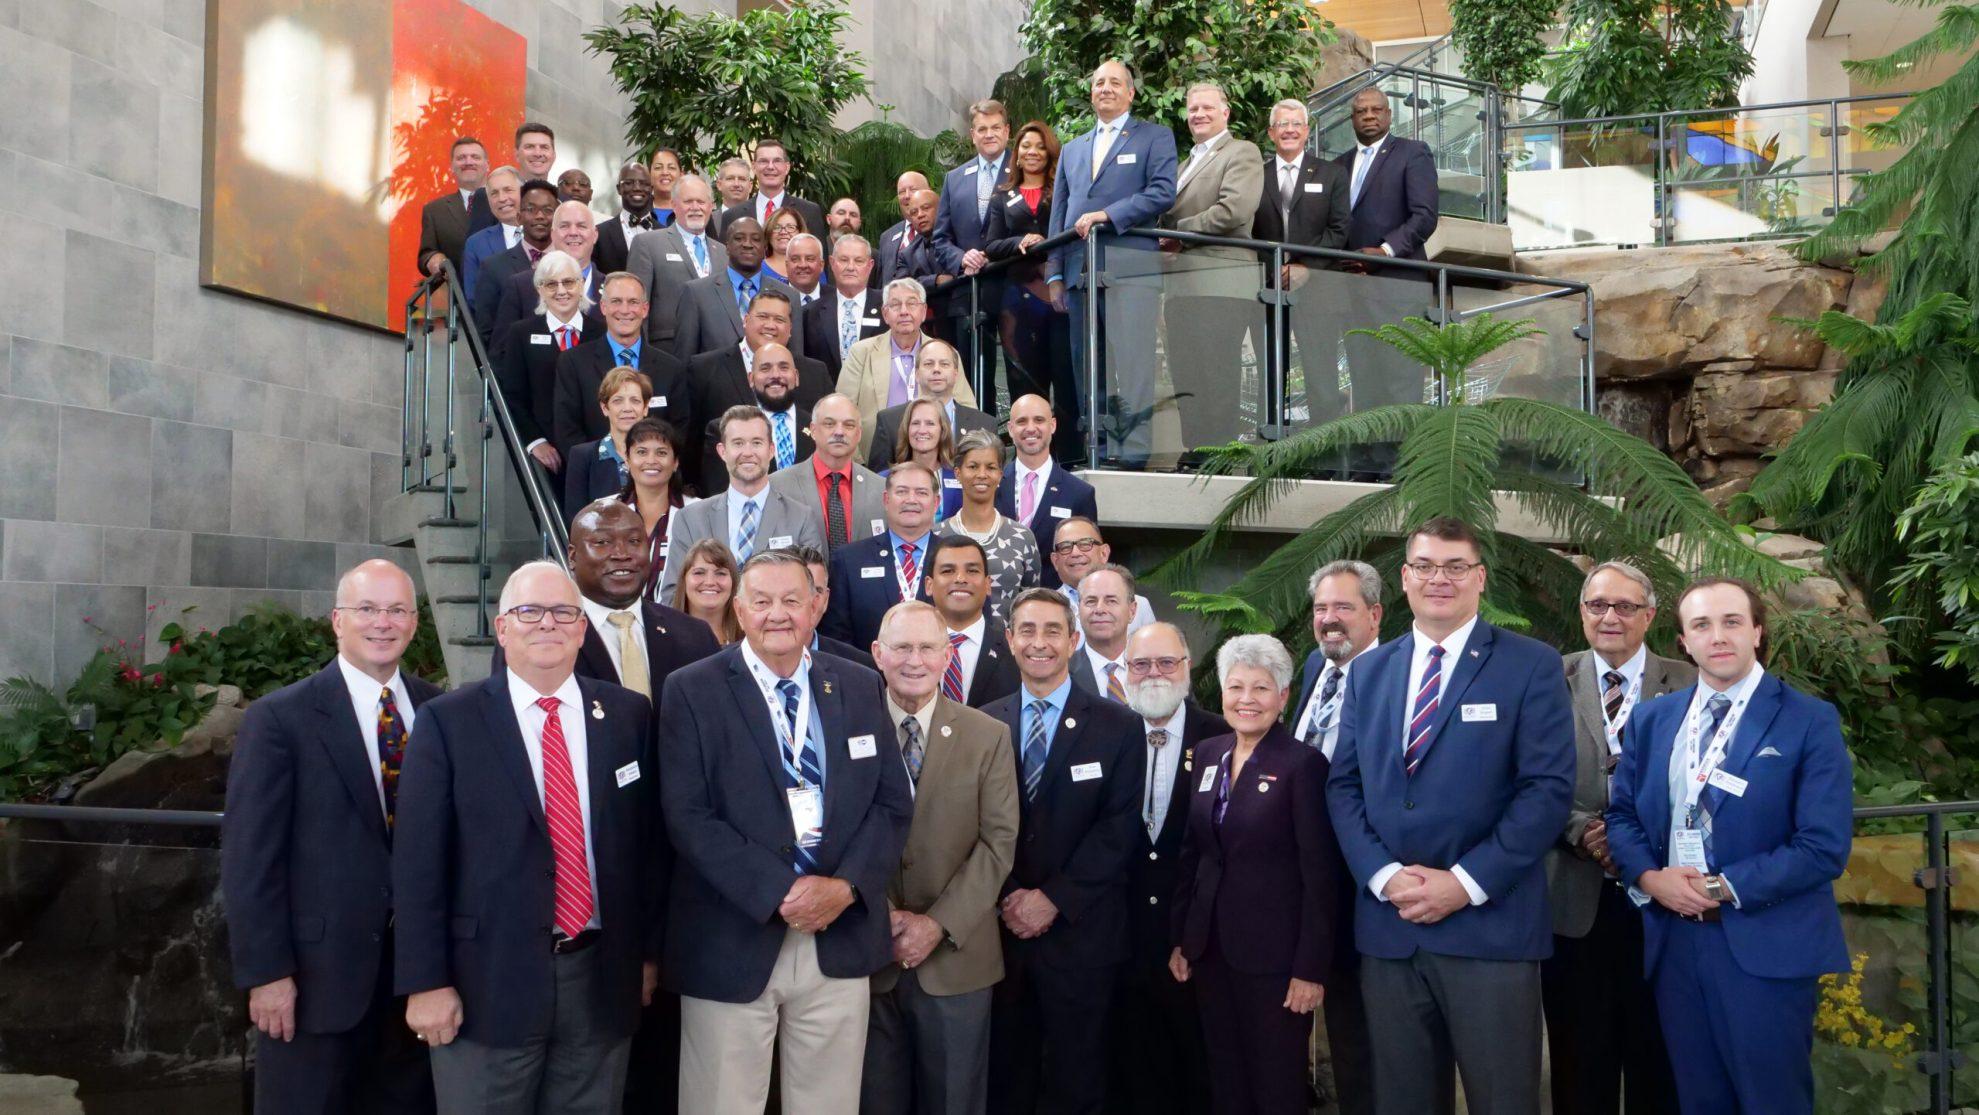 2019 NASDVA Group Photo